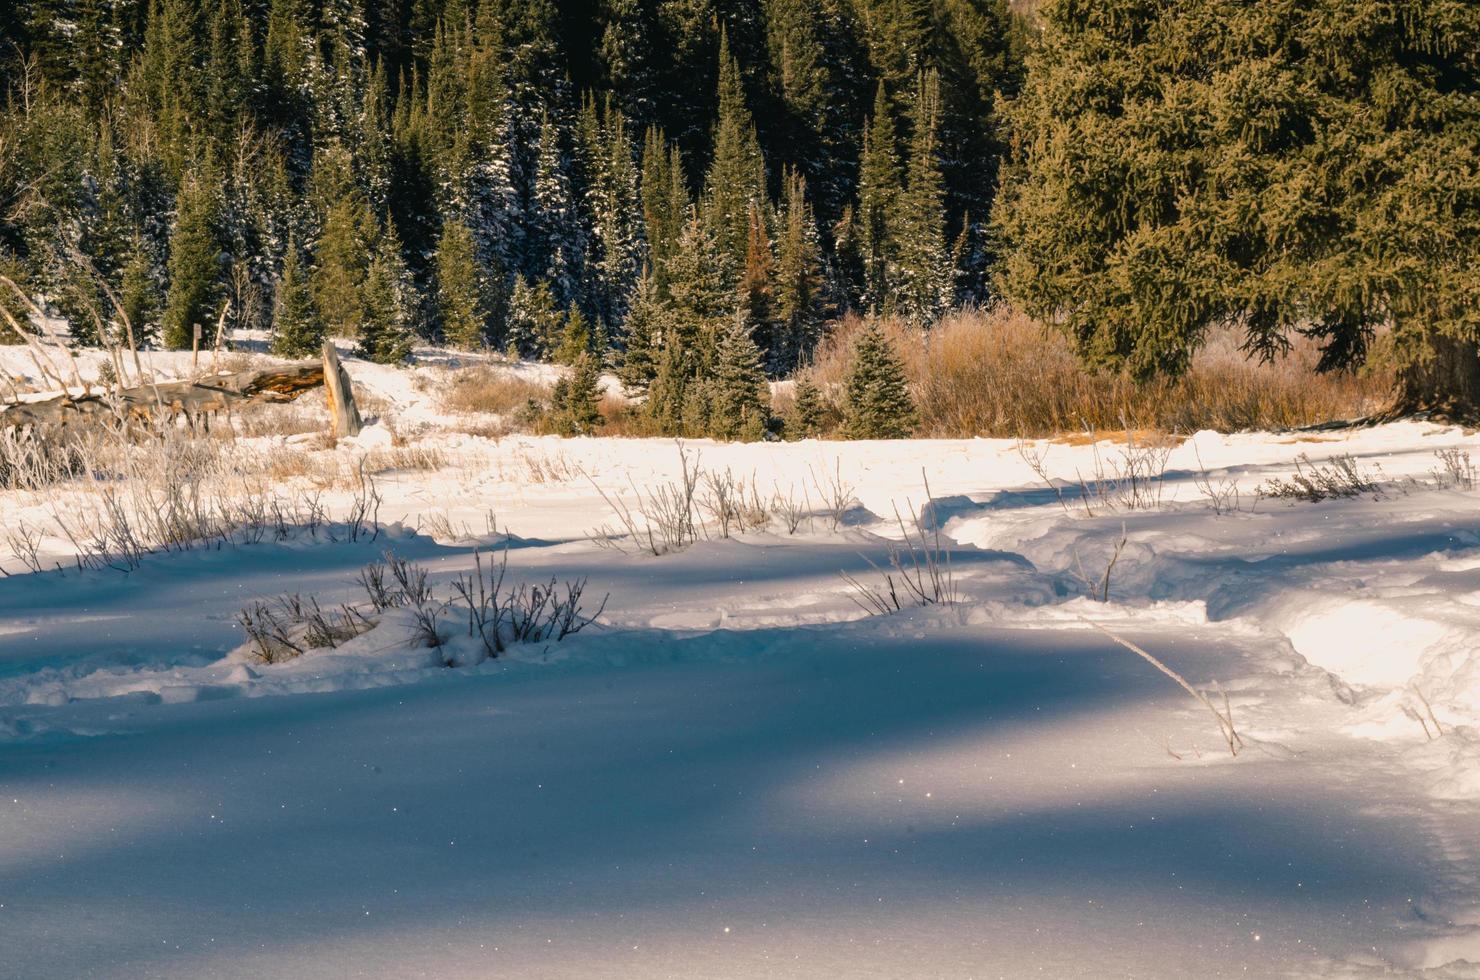 schneebedeckter Boden in der Nähe von Bäumen foto